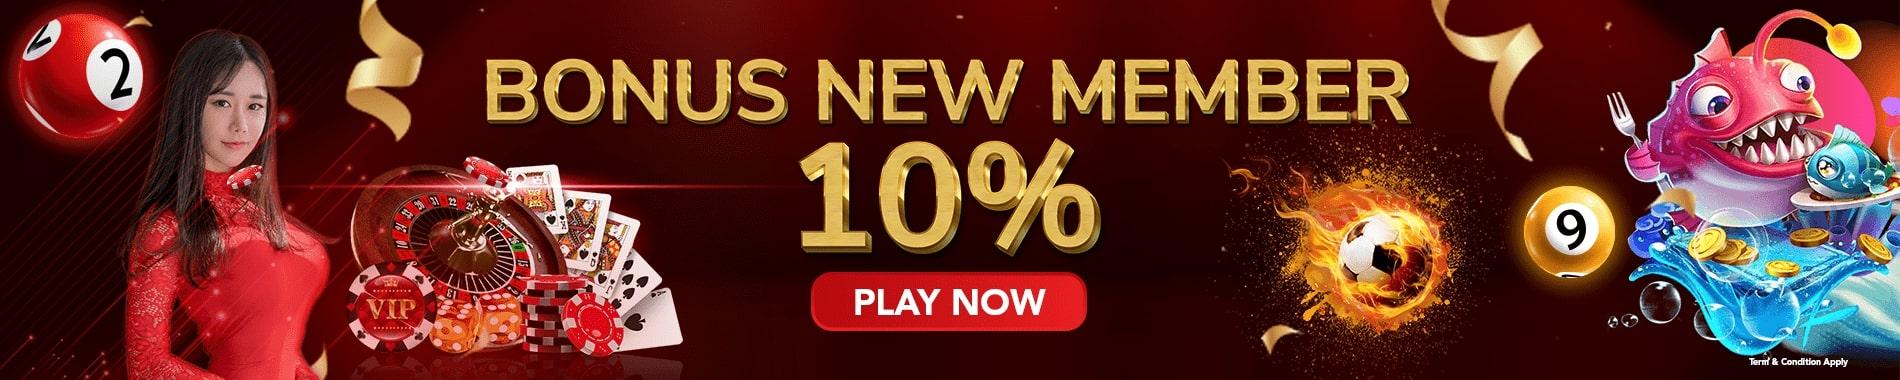 Berhenti Menjadi Gelandangan – 5 Cara Menguangkan Online dengan Mempromosikan Situs Poker